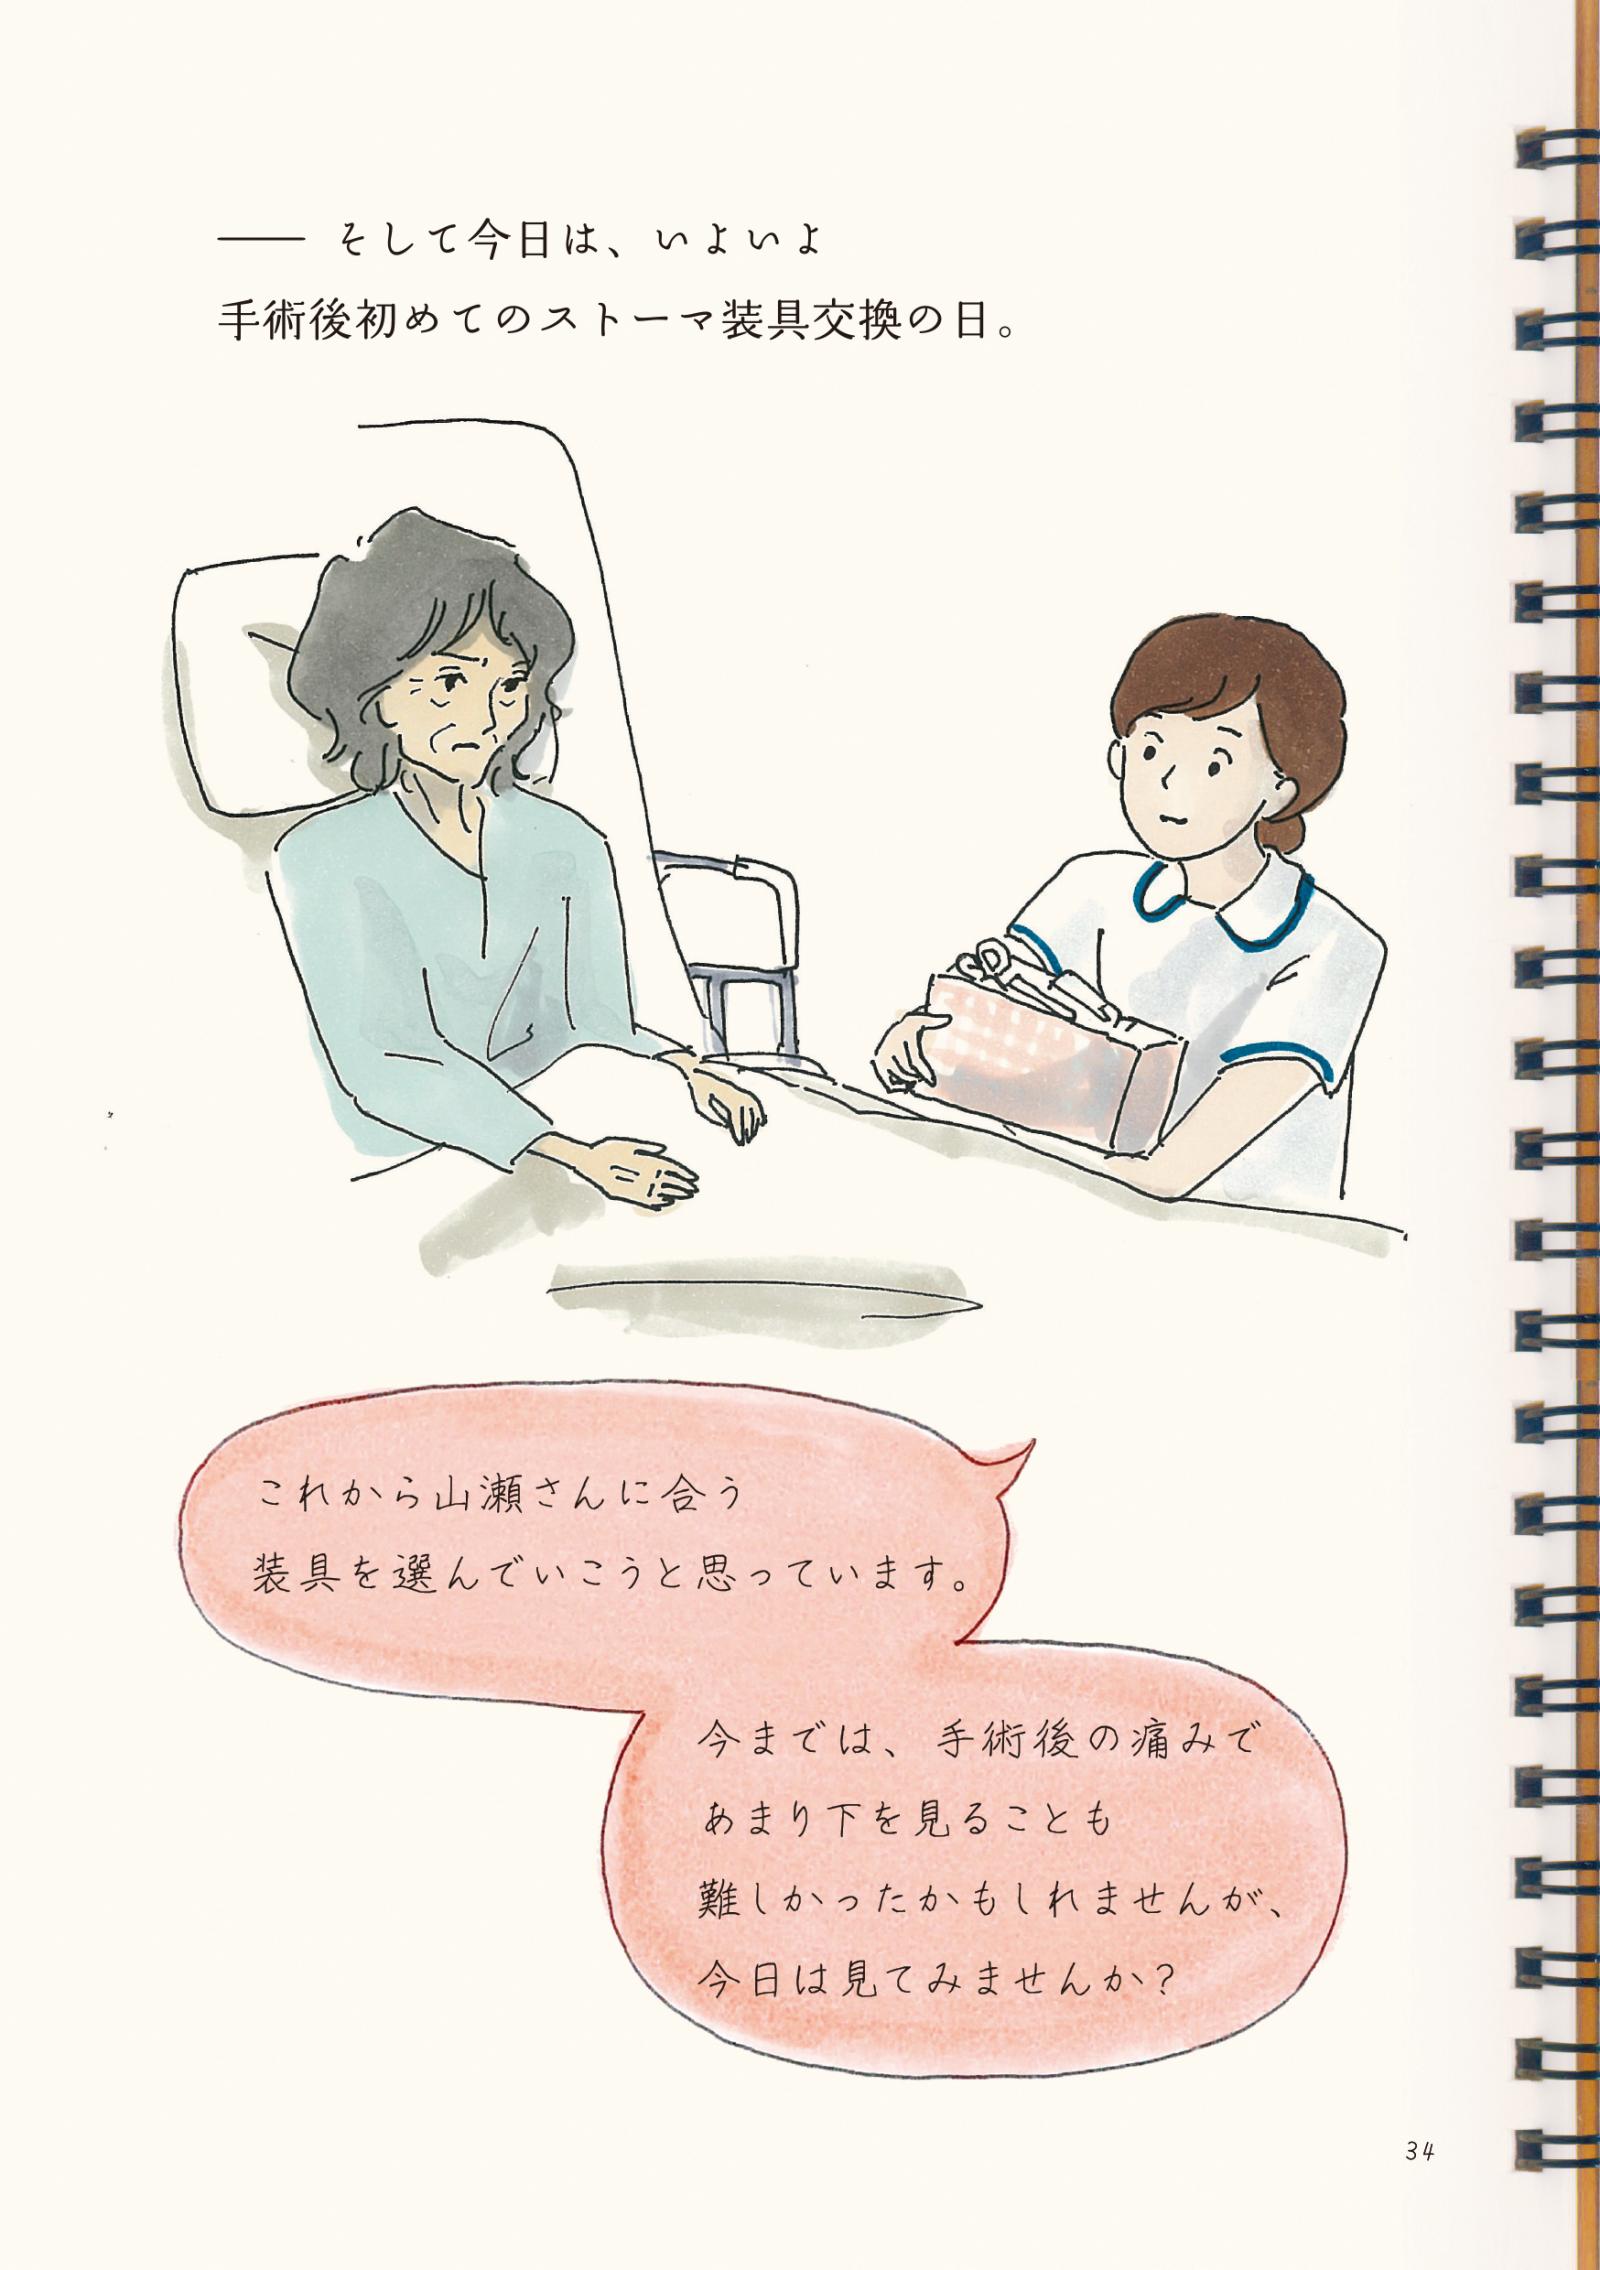 『病院というヘンテコな場所が教えてくれたコト。2』18P